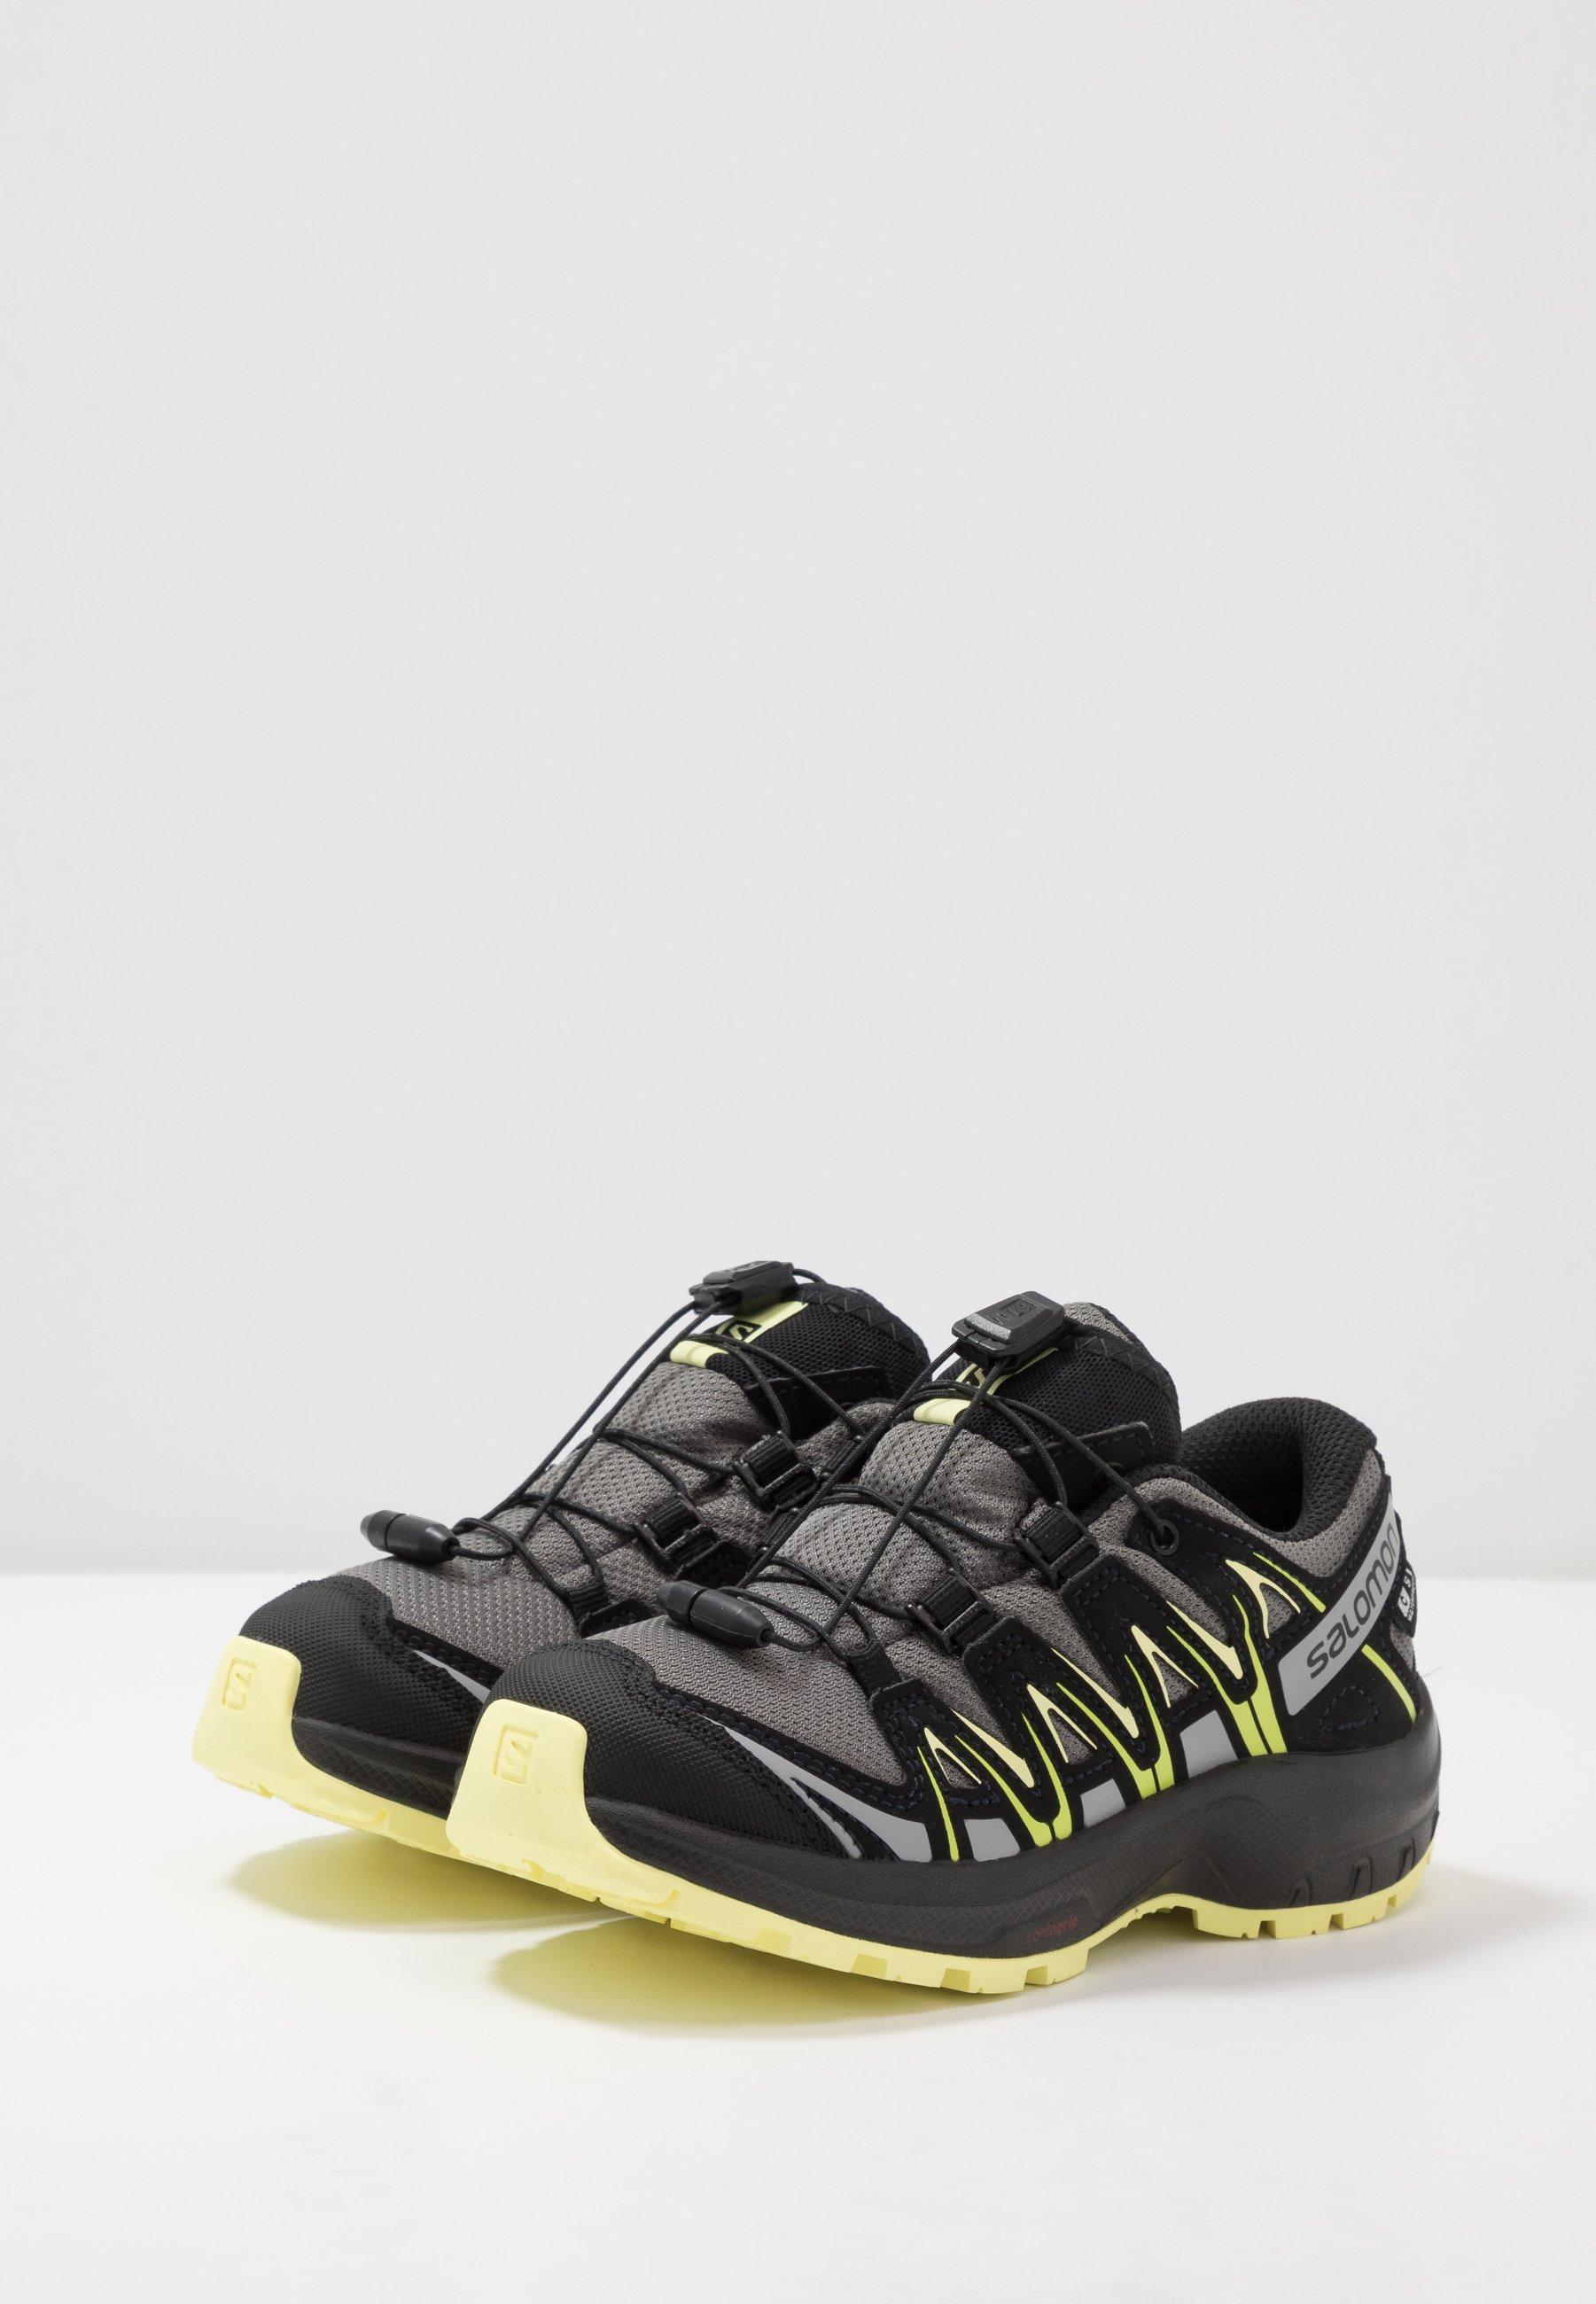 Salomon PRO 3D Chaussures de marche gargoyleblack